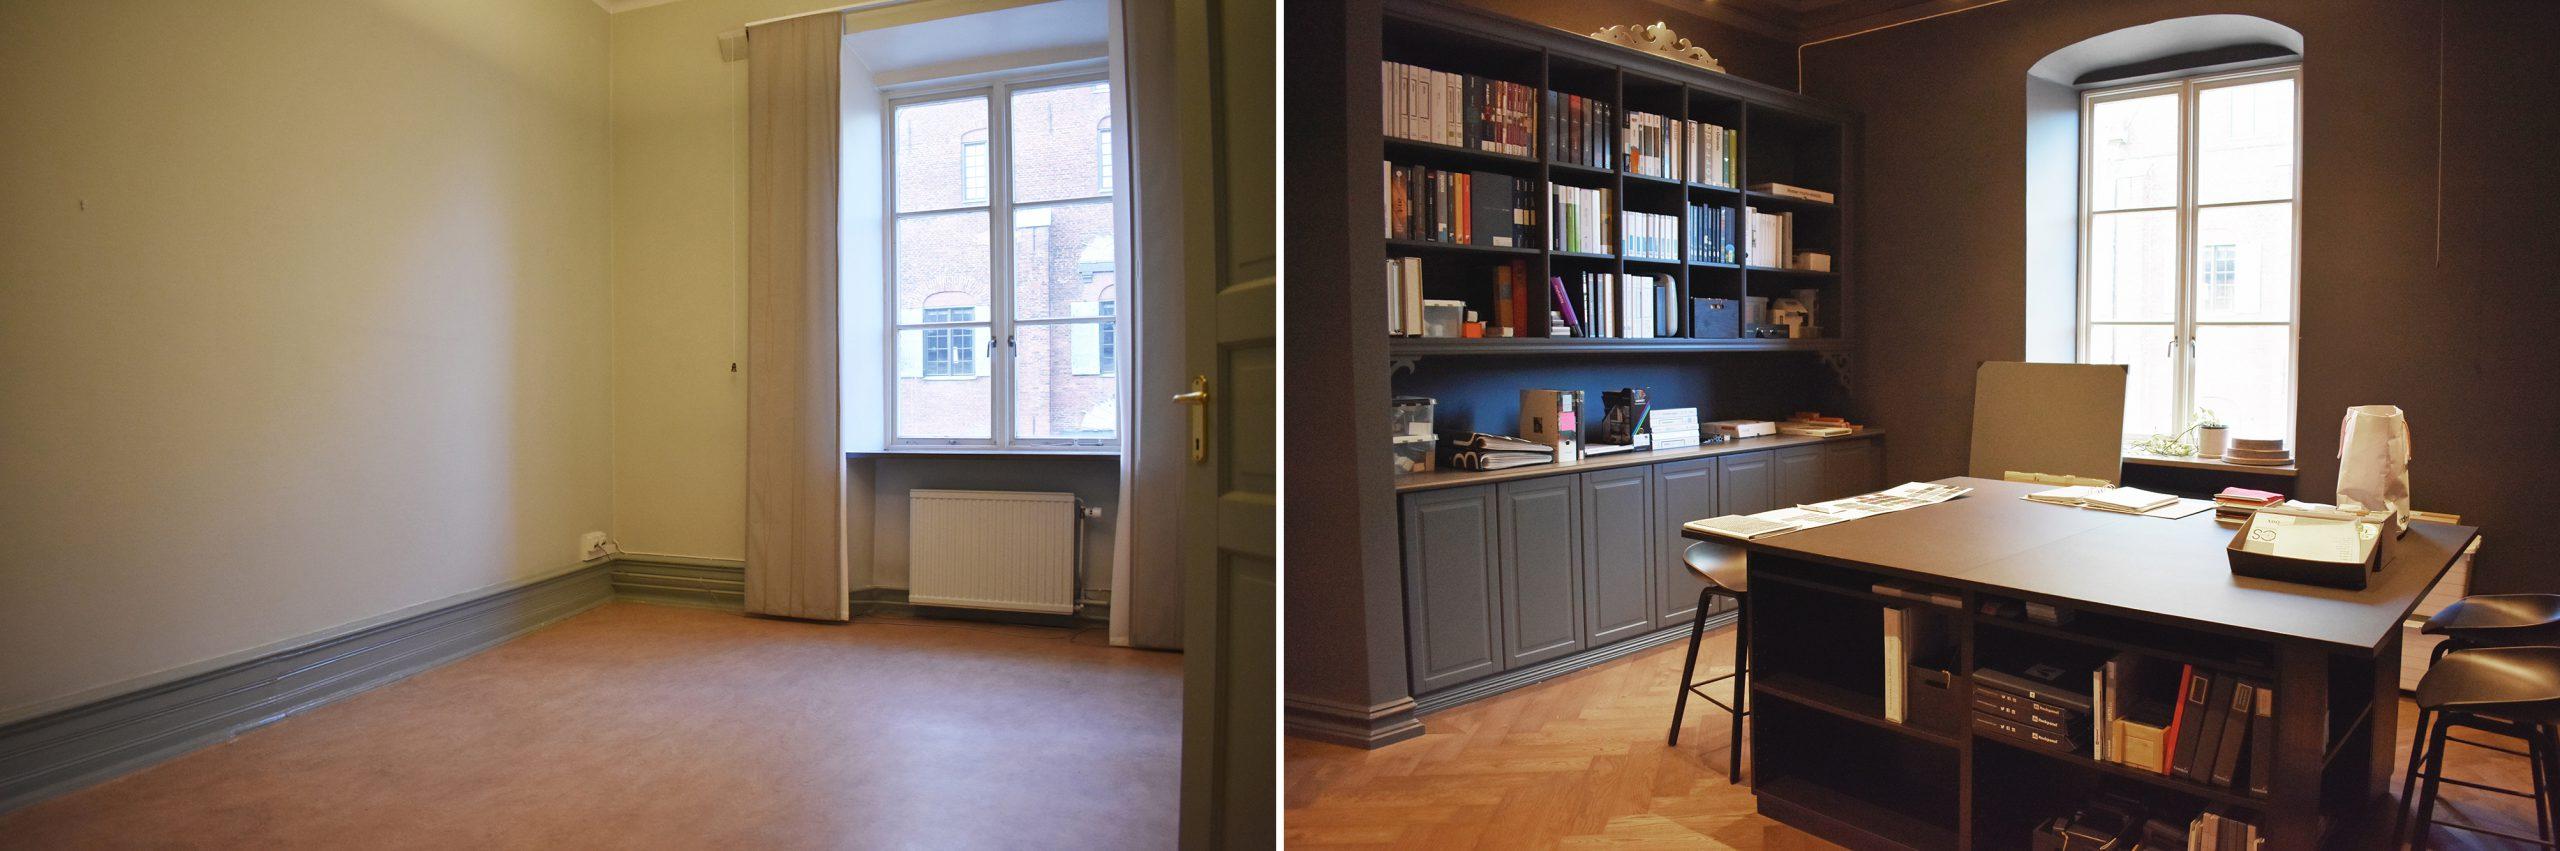 Före- och efterbild. Bilden till vänster visar ett tomt gulmålat rum med plastmatta. Bilden till höger visar ett mörkmålat rum med trägolv och en biblioteksdel.